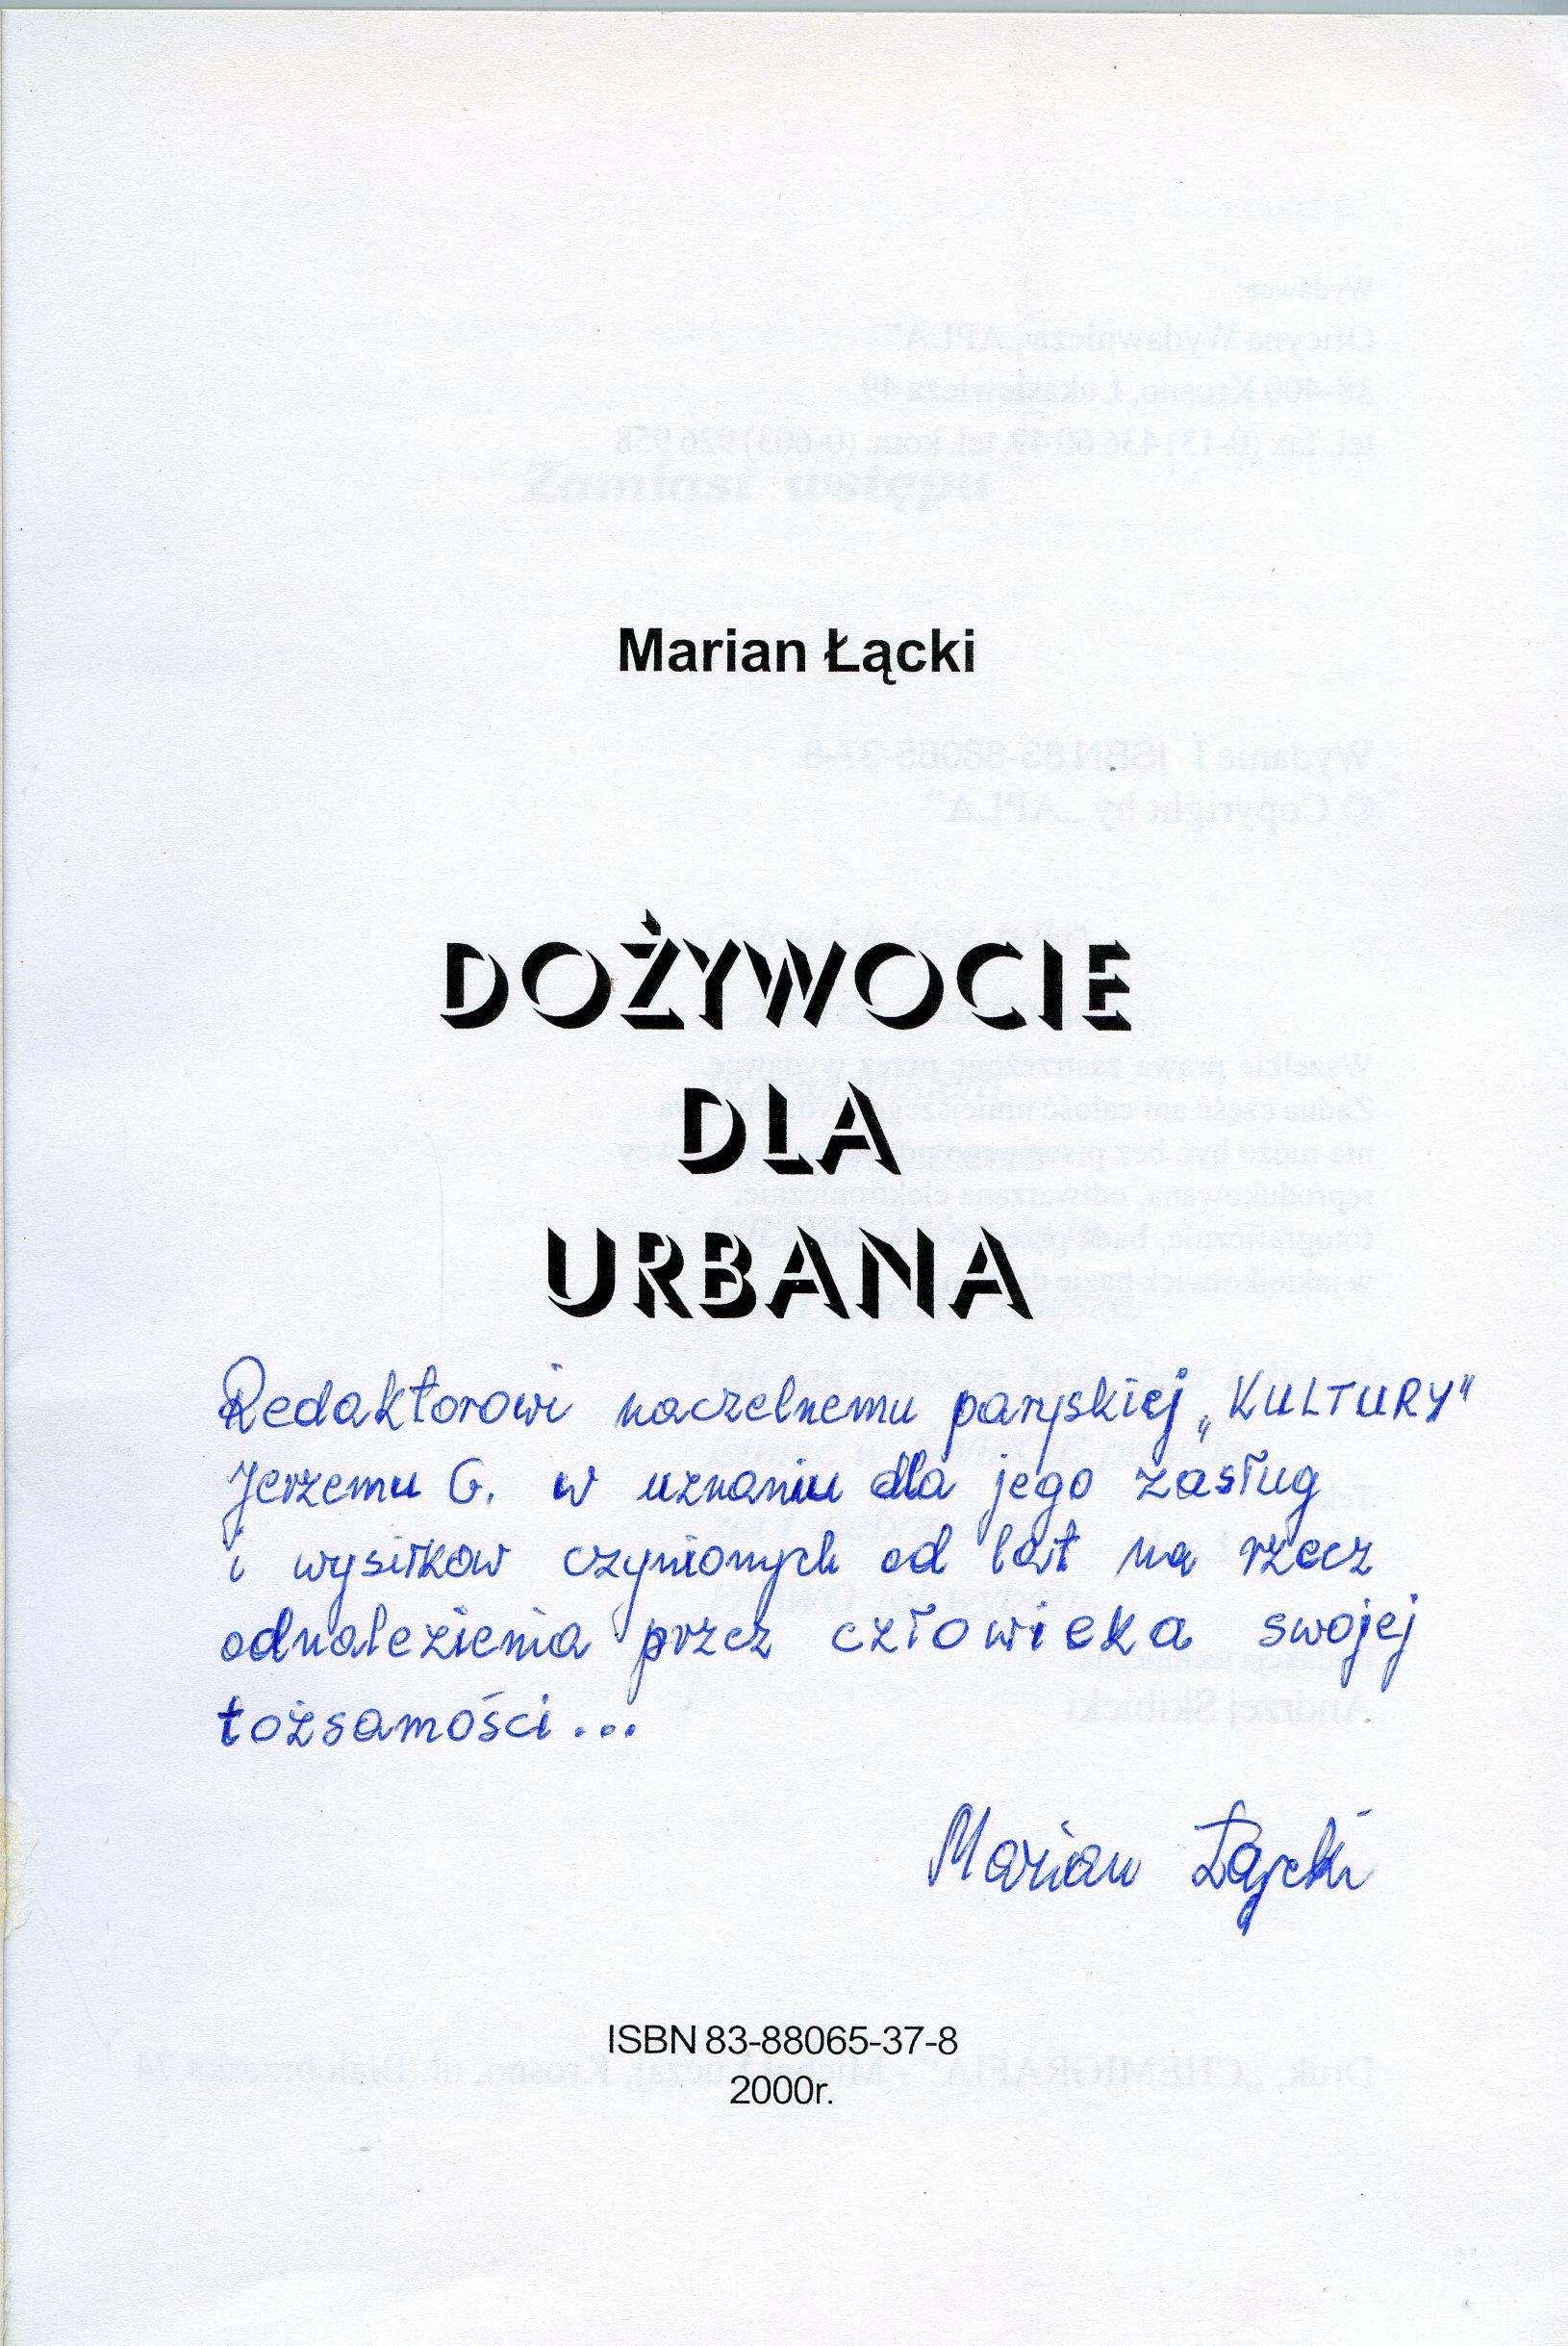 """<div class='inner-box'><div class='close-desc'></div><span class='opis'>Dedykacja: Marian Łącki dla Jerzego Giedroycia. """"Dożywocie dla Urbana"""", 2000 r.</span><div class='clearfix'></div><span>Sygn. dedyk039b</span><div class='clearfix'></div><span>© Instytut Literacki</span></div>"""